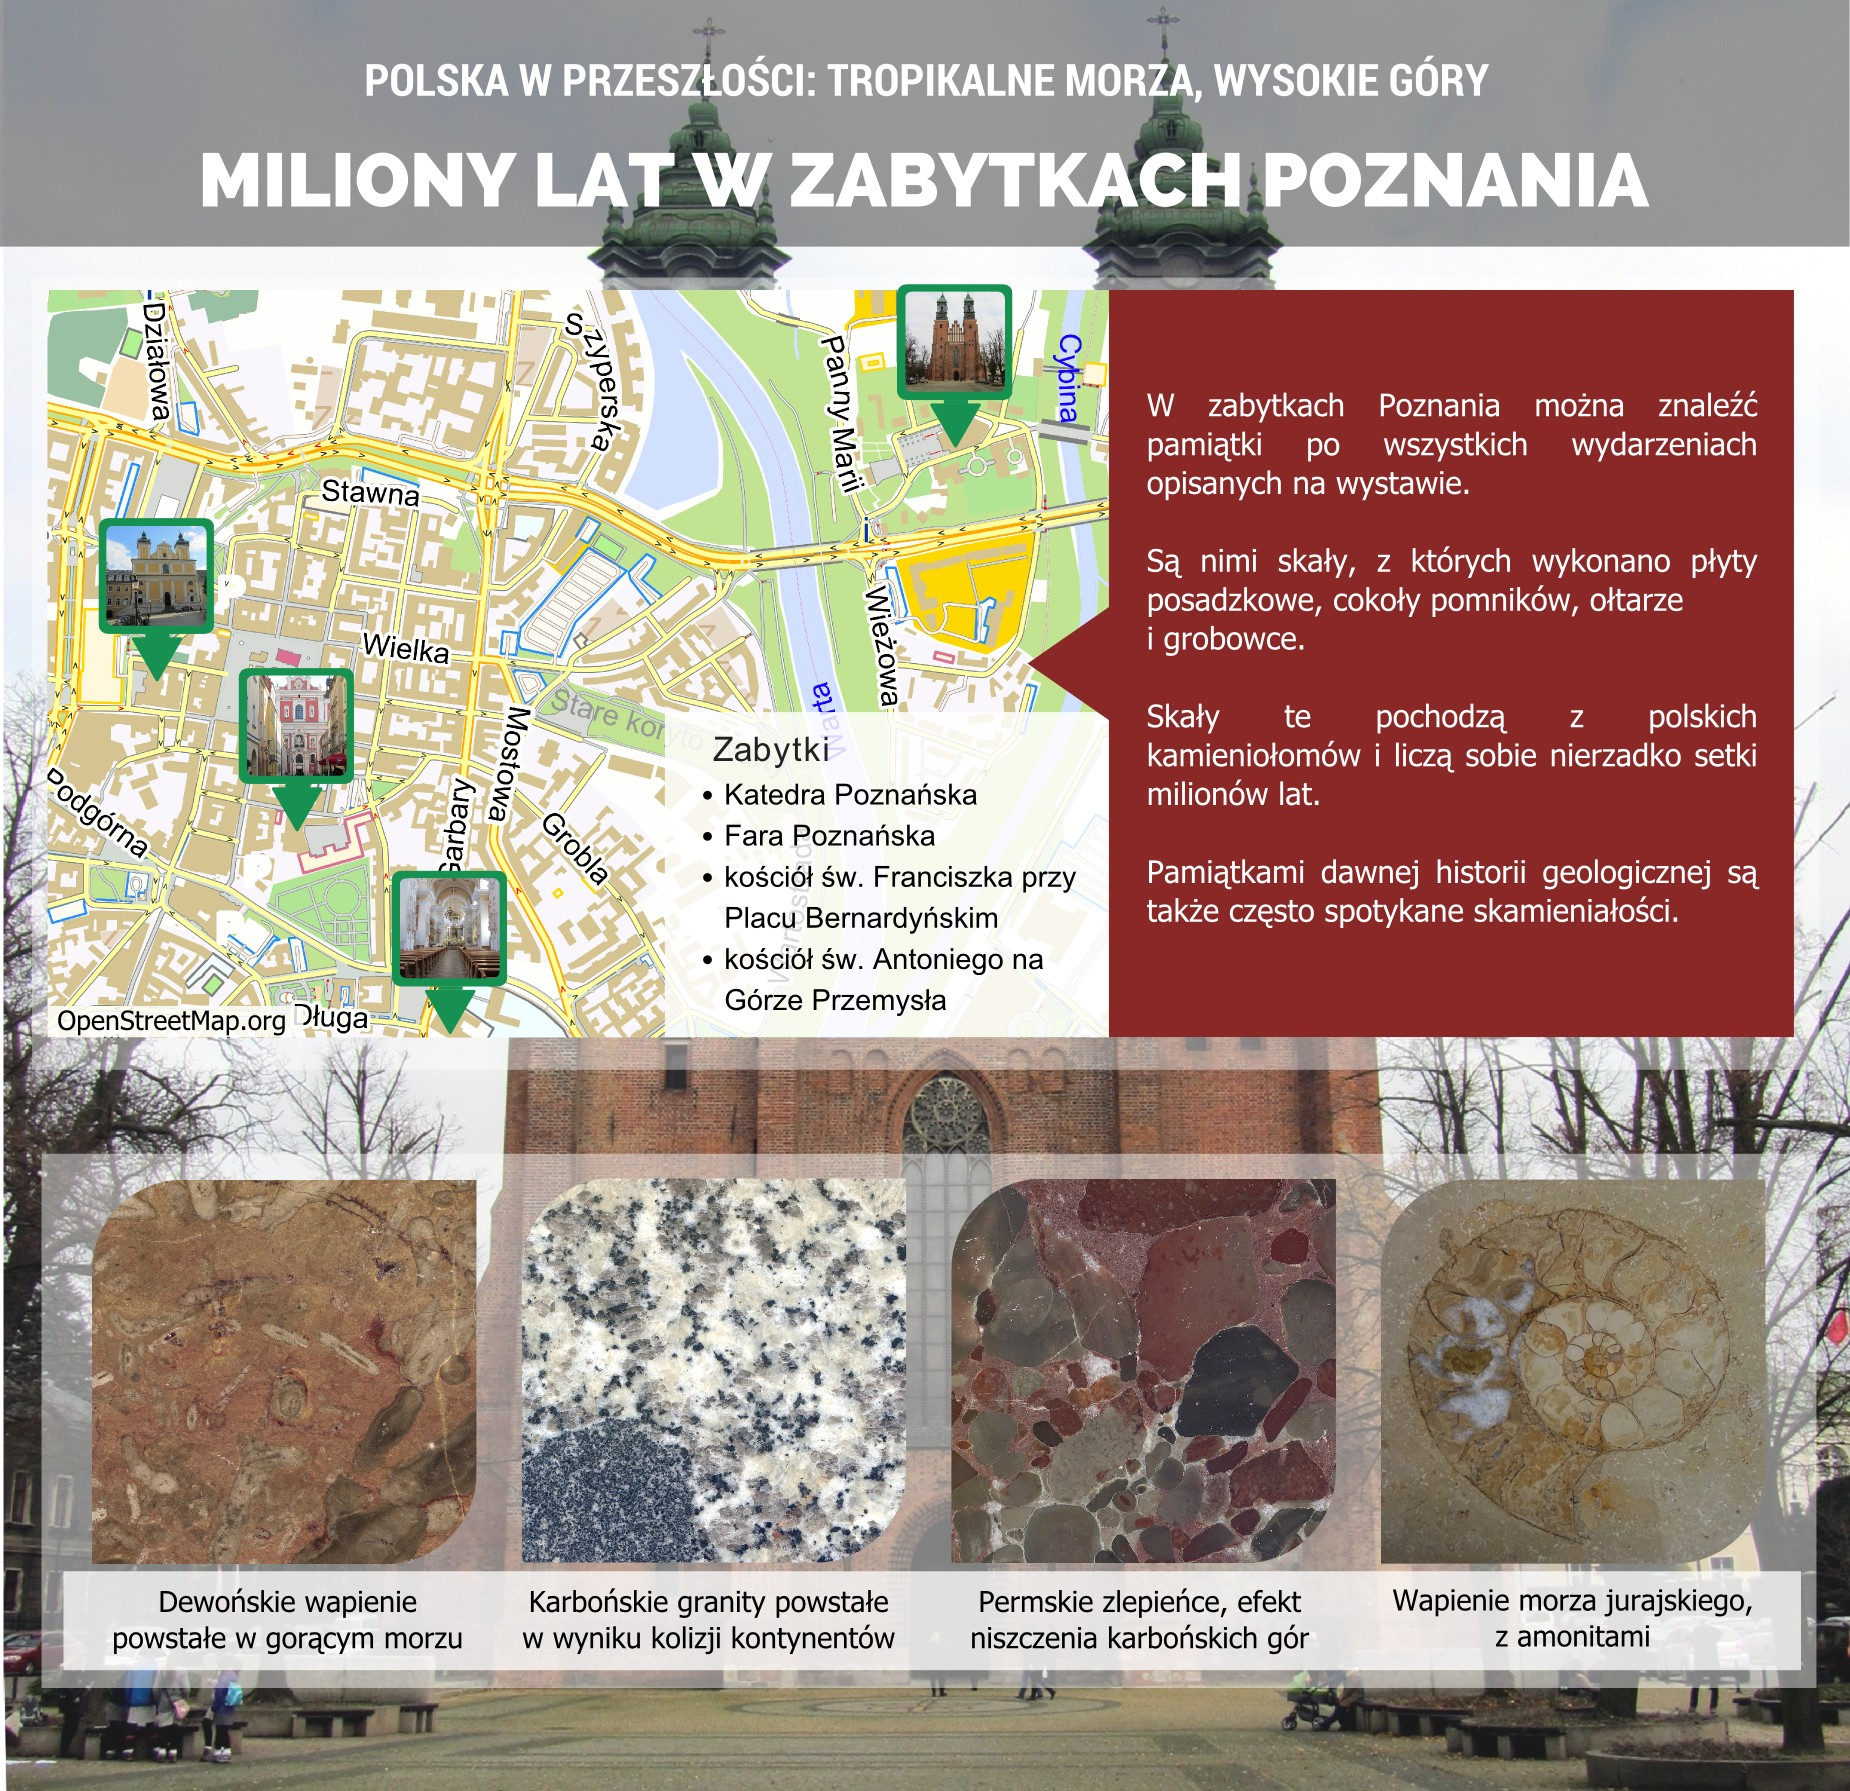 Ślady przeszłości geologicznej w zabytkach Poznania - plakat.